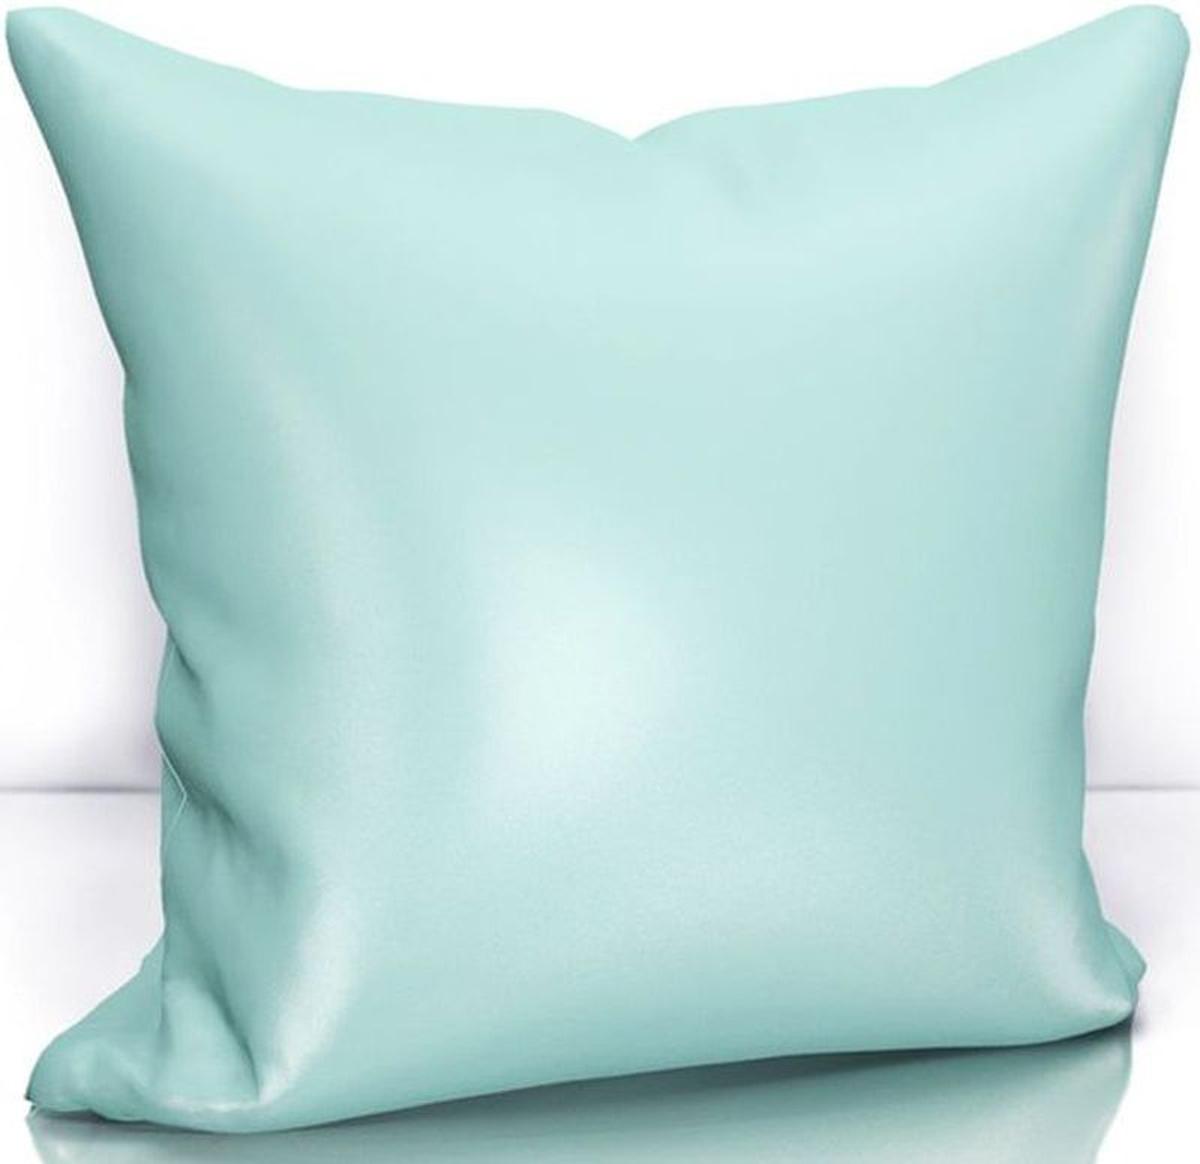 Подушка декоративная KauffOrt Эвелина, цвет: голубой, 40 х 40 см3122301640Декоративная подушка KauffOrt  прекрасно дополнит интерьер спальни или гостиной. Чехолподушки выполнен из сатена (100% полиэстер). Внутри находится мягкий наполнитель.Чехол легко снимаетсяблагодаря потайной молнии.